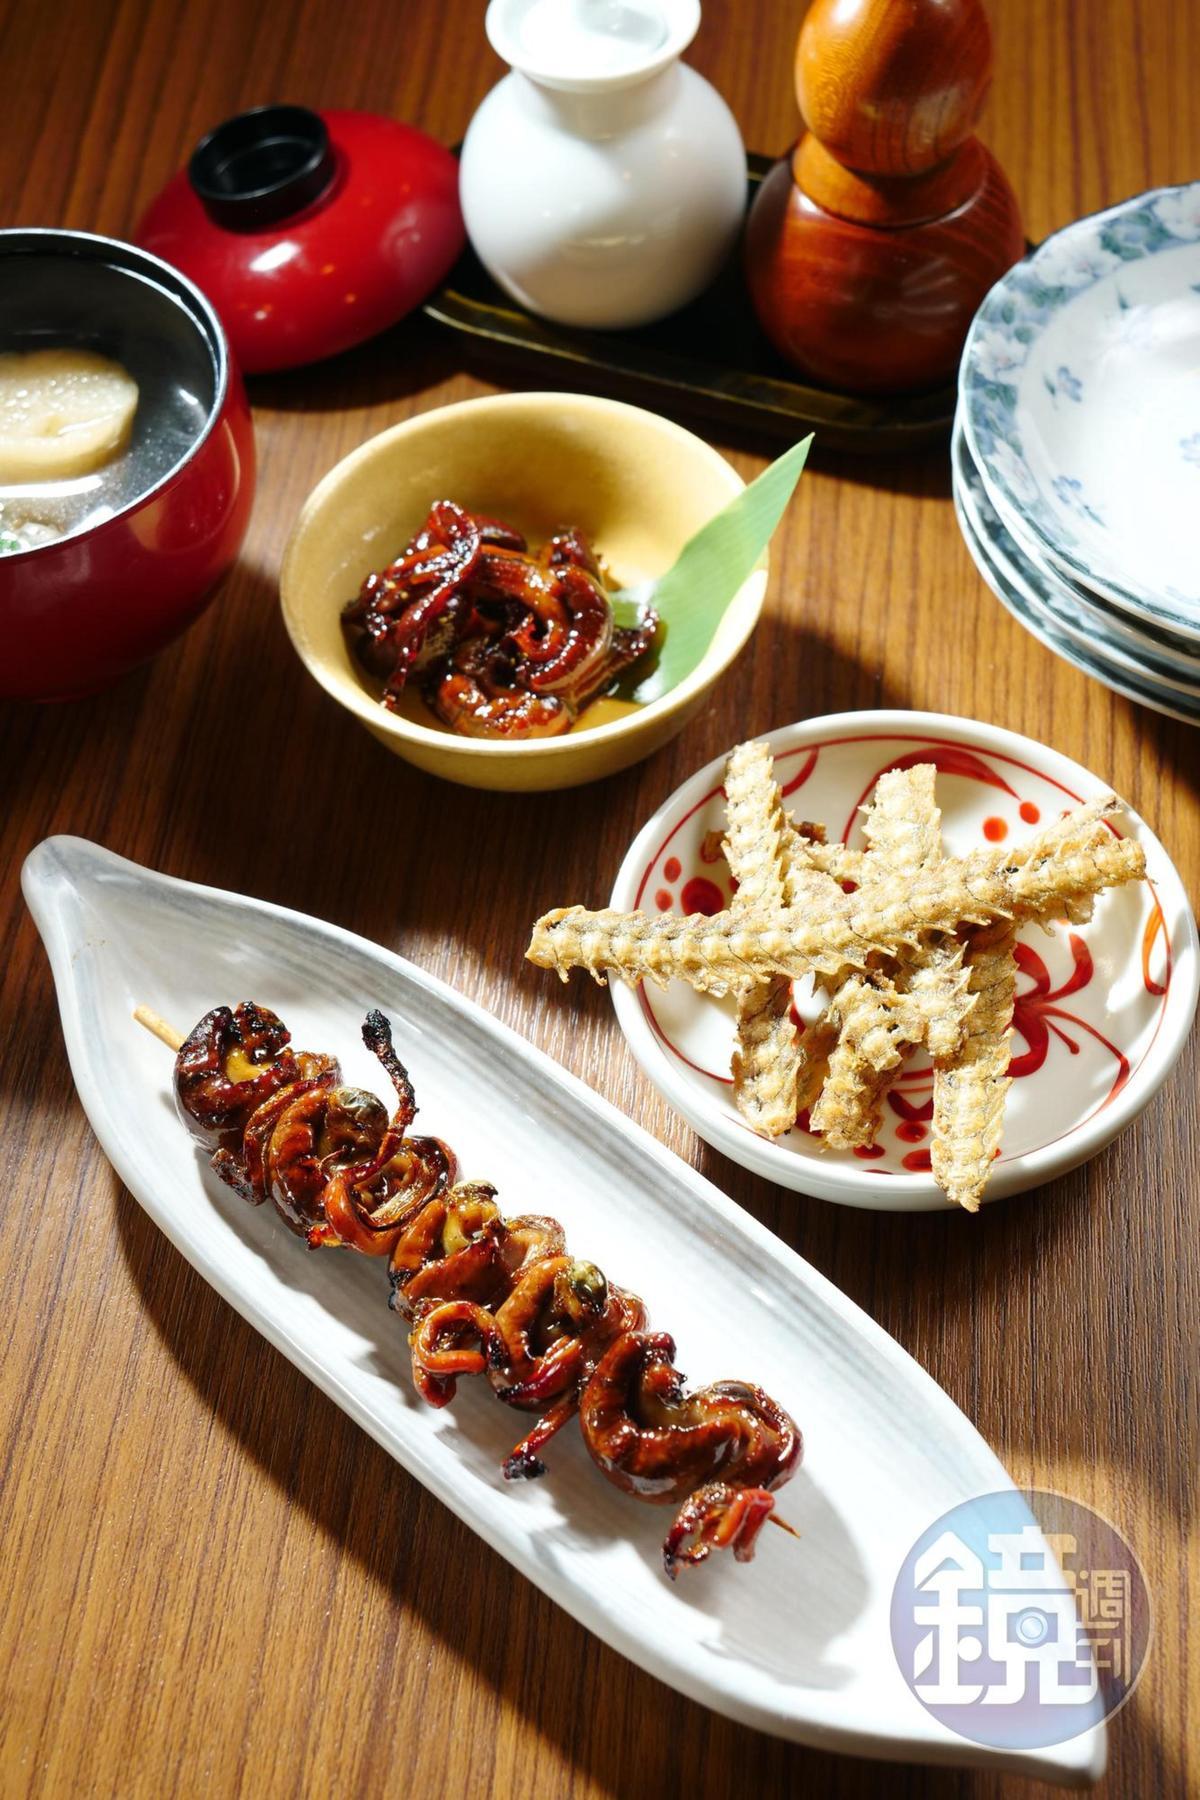 小菜也把鰻魚用得淋漓盡致,前起依序為「鰻肝燒」(售價待補)、「鰻骨」(售價待補)、「鰻肝煮」(售價待補)。